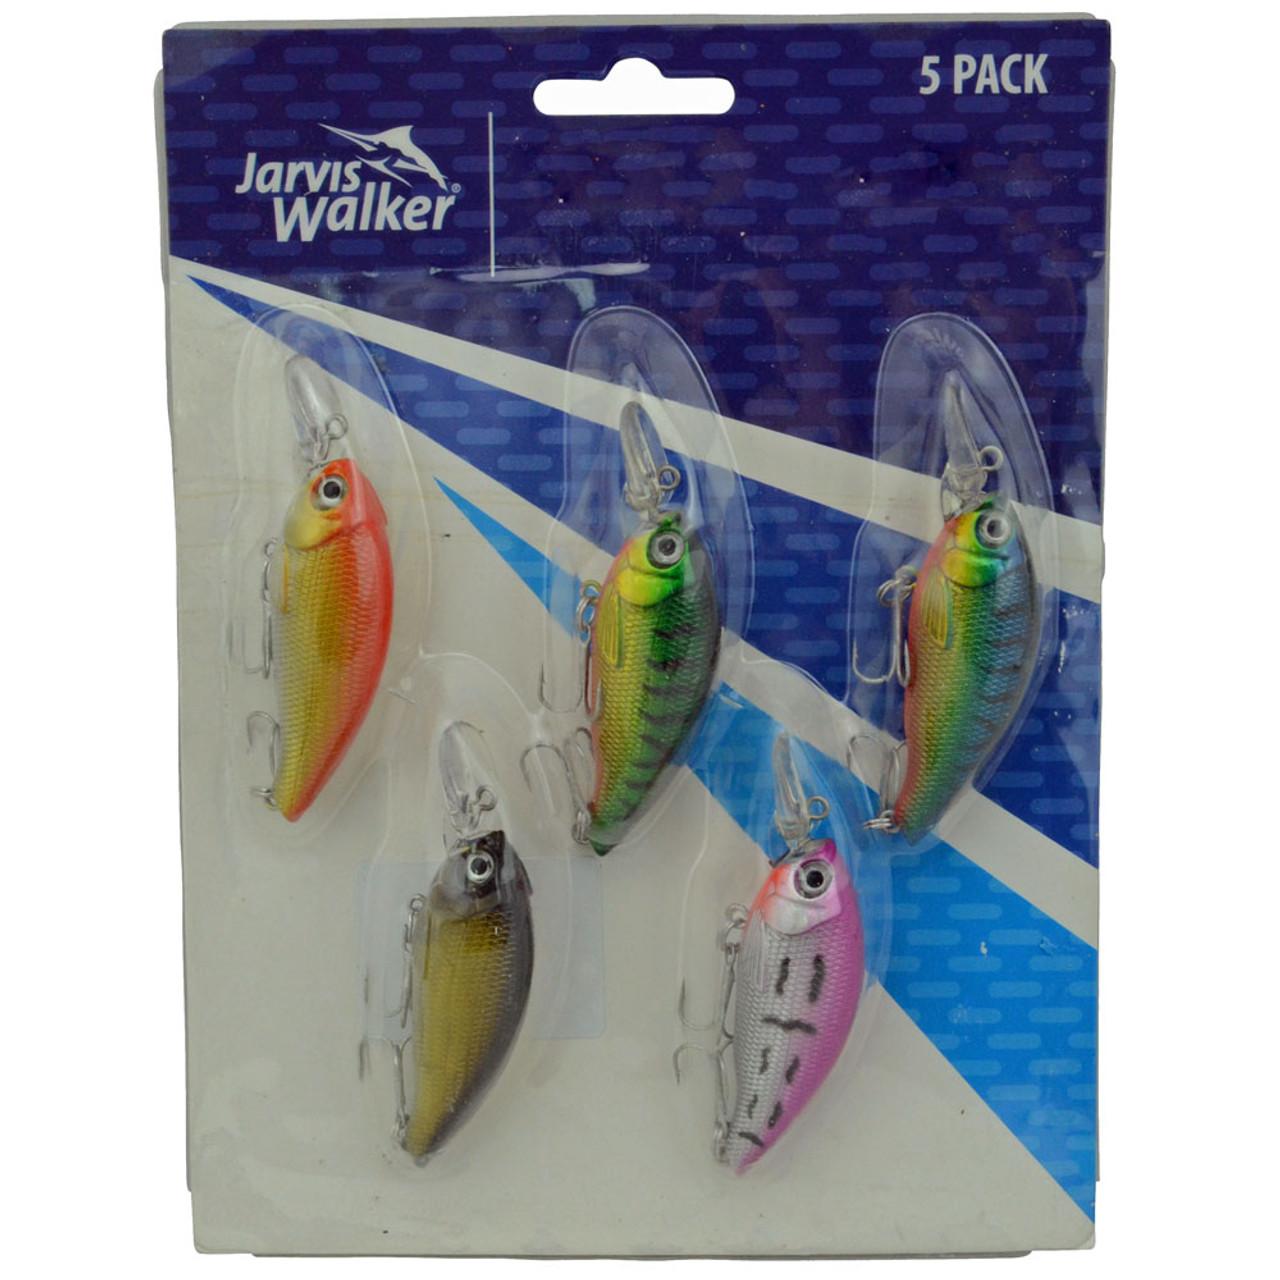 Jarvis Walker Lure Pack (5 Lures)